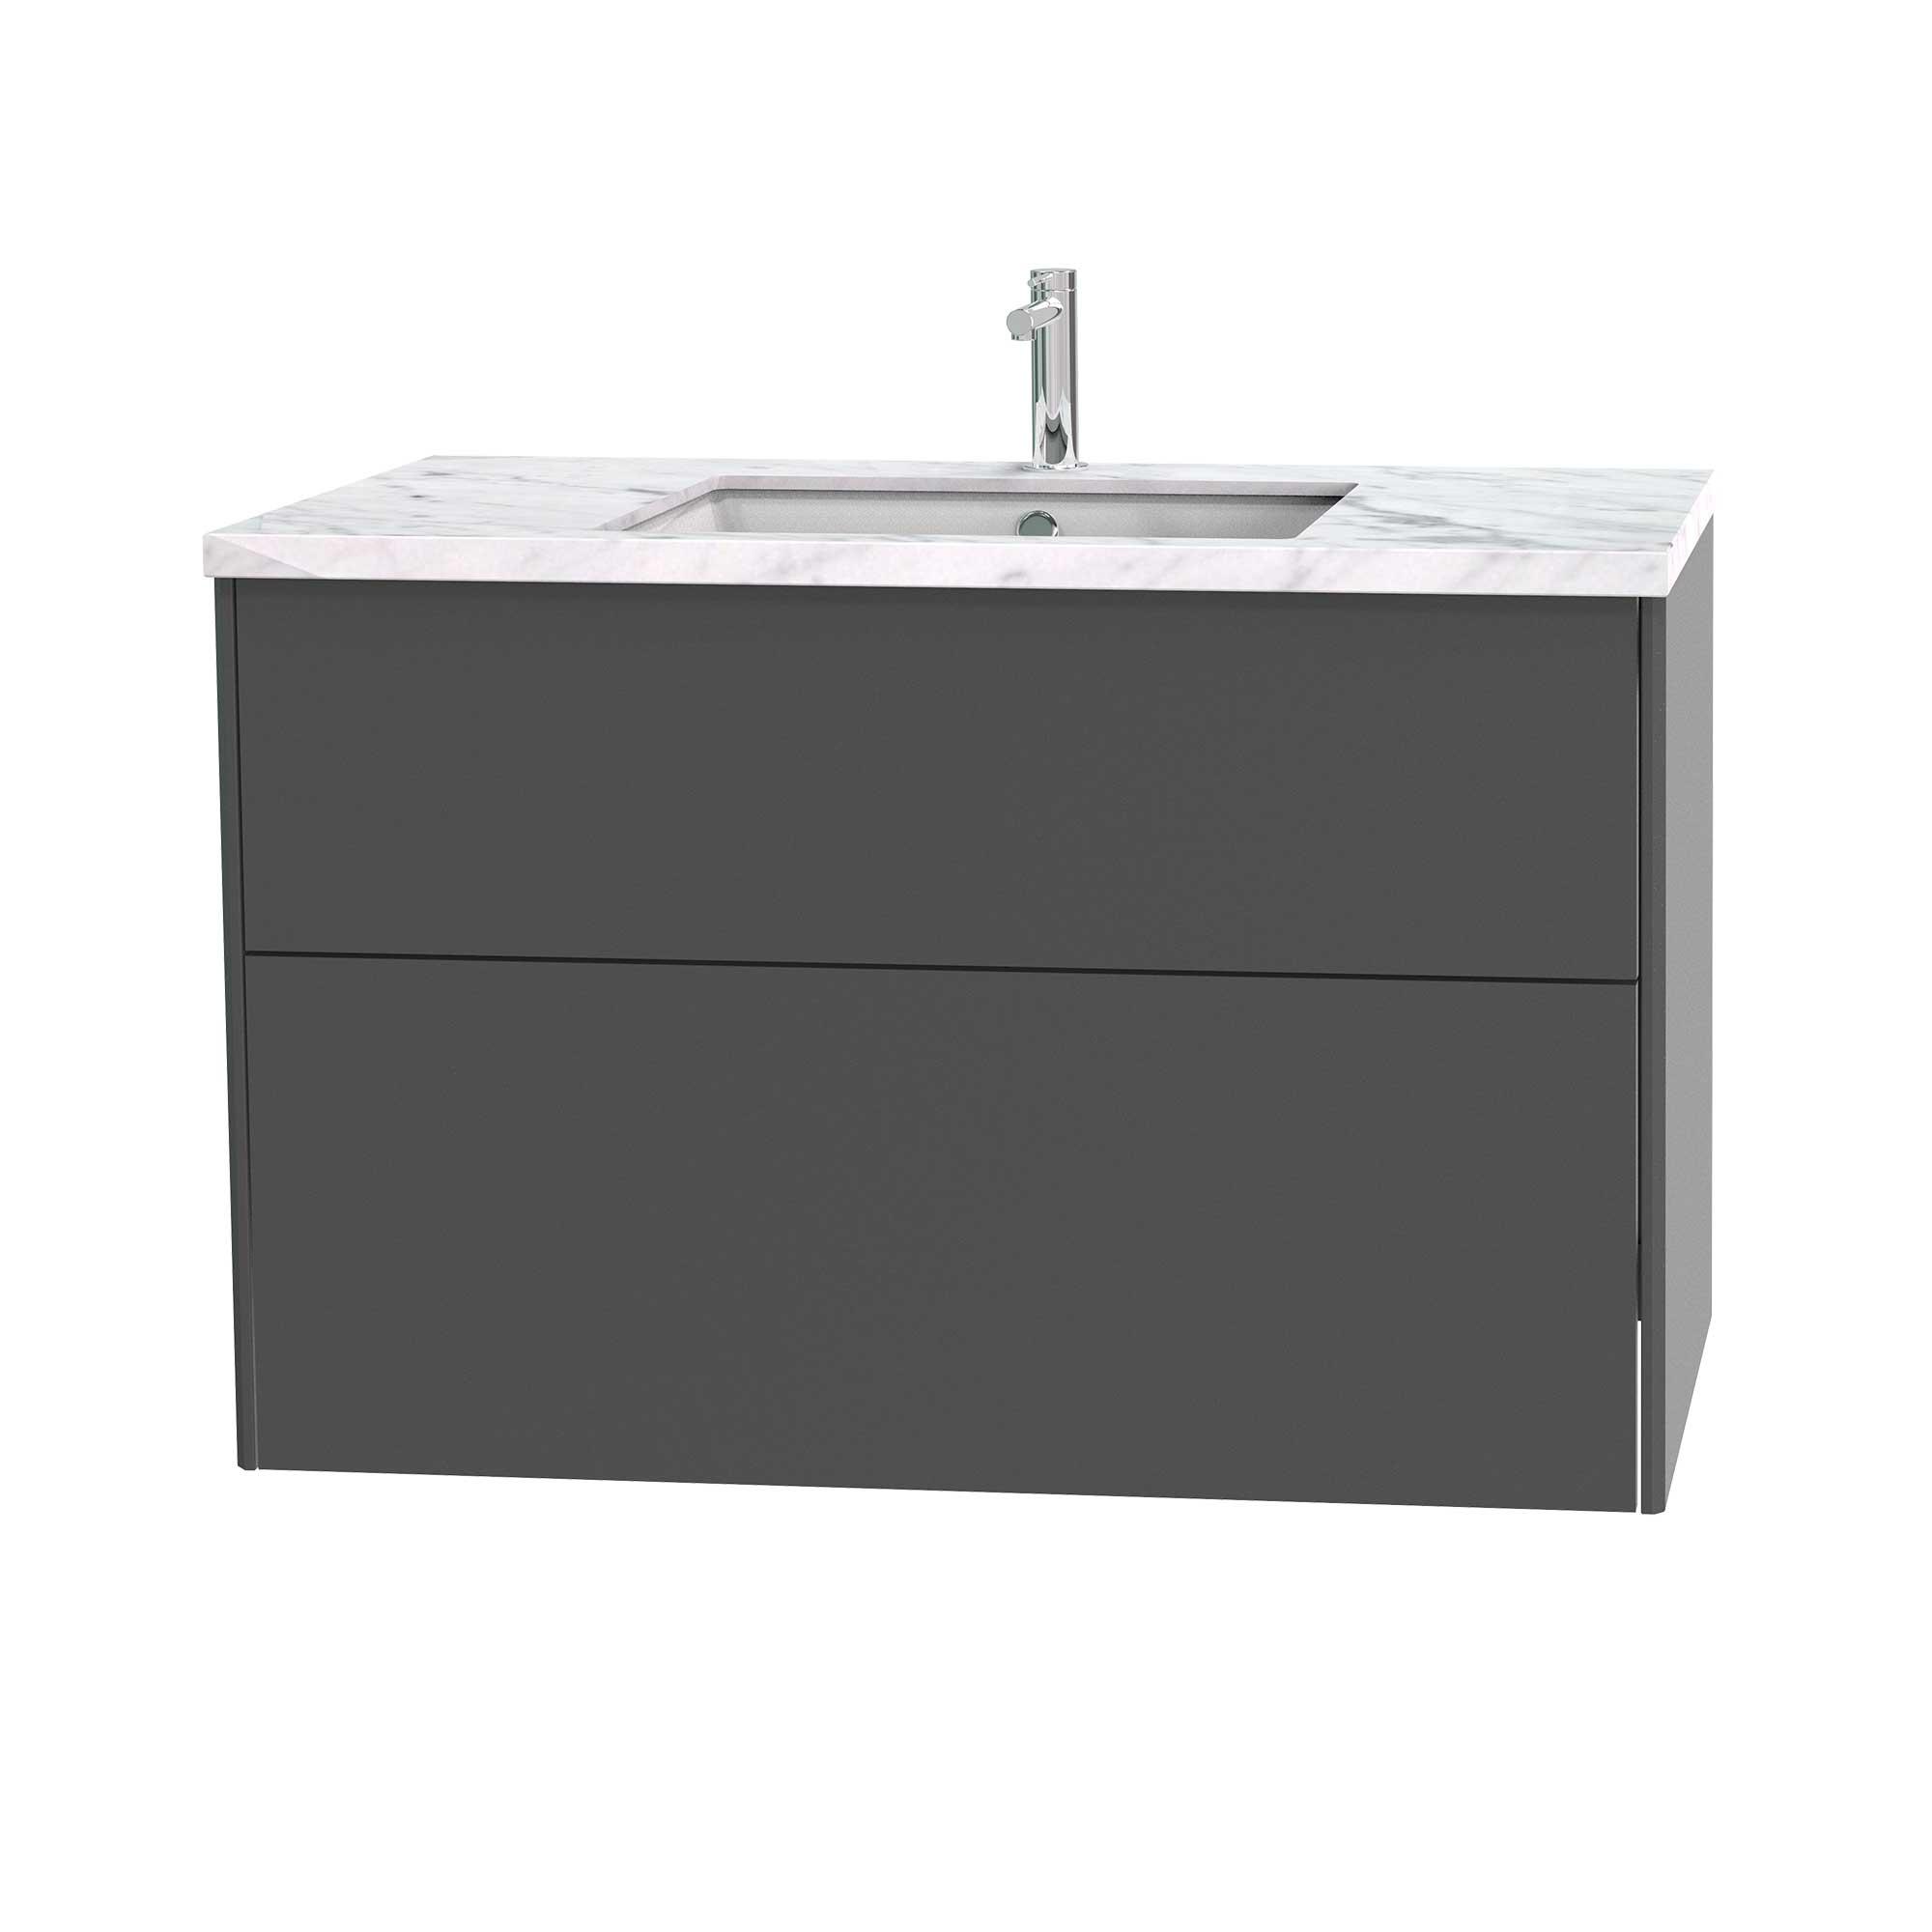 Tvättställsskåp Miller Badrum Brooklyn 100 med Lådor för Bänkskiva